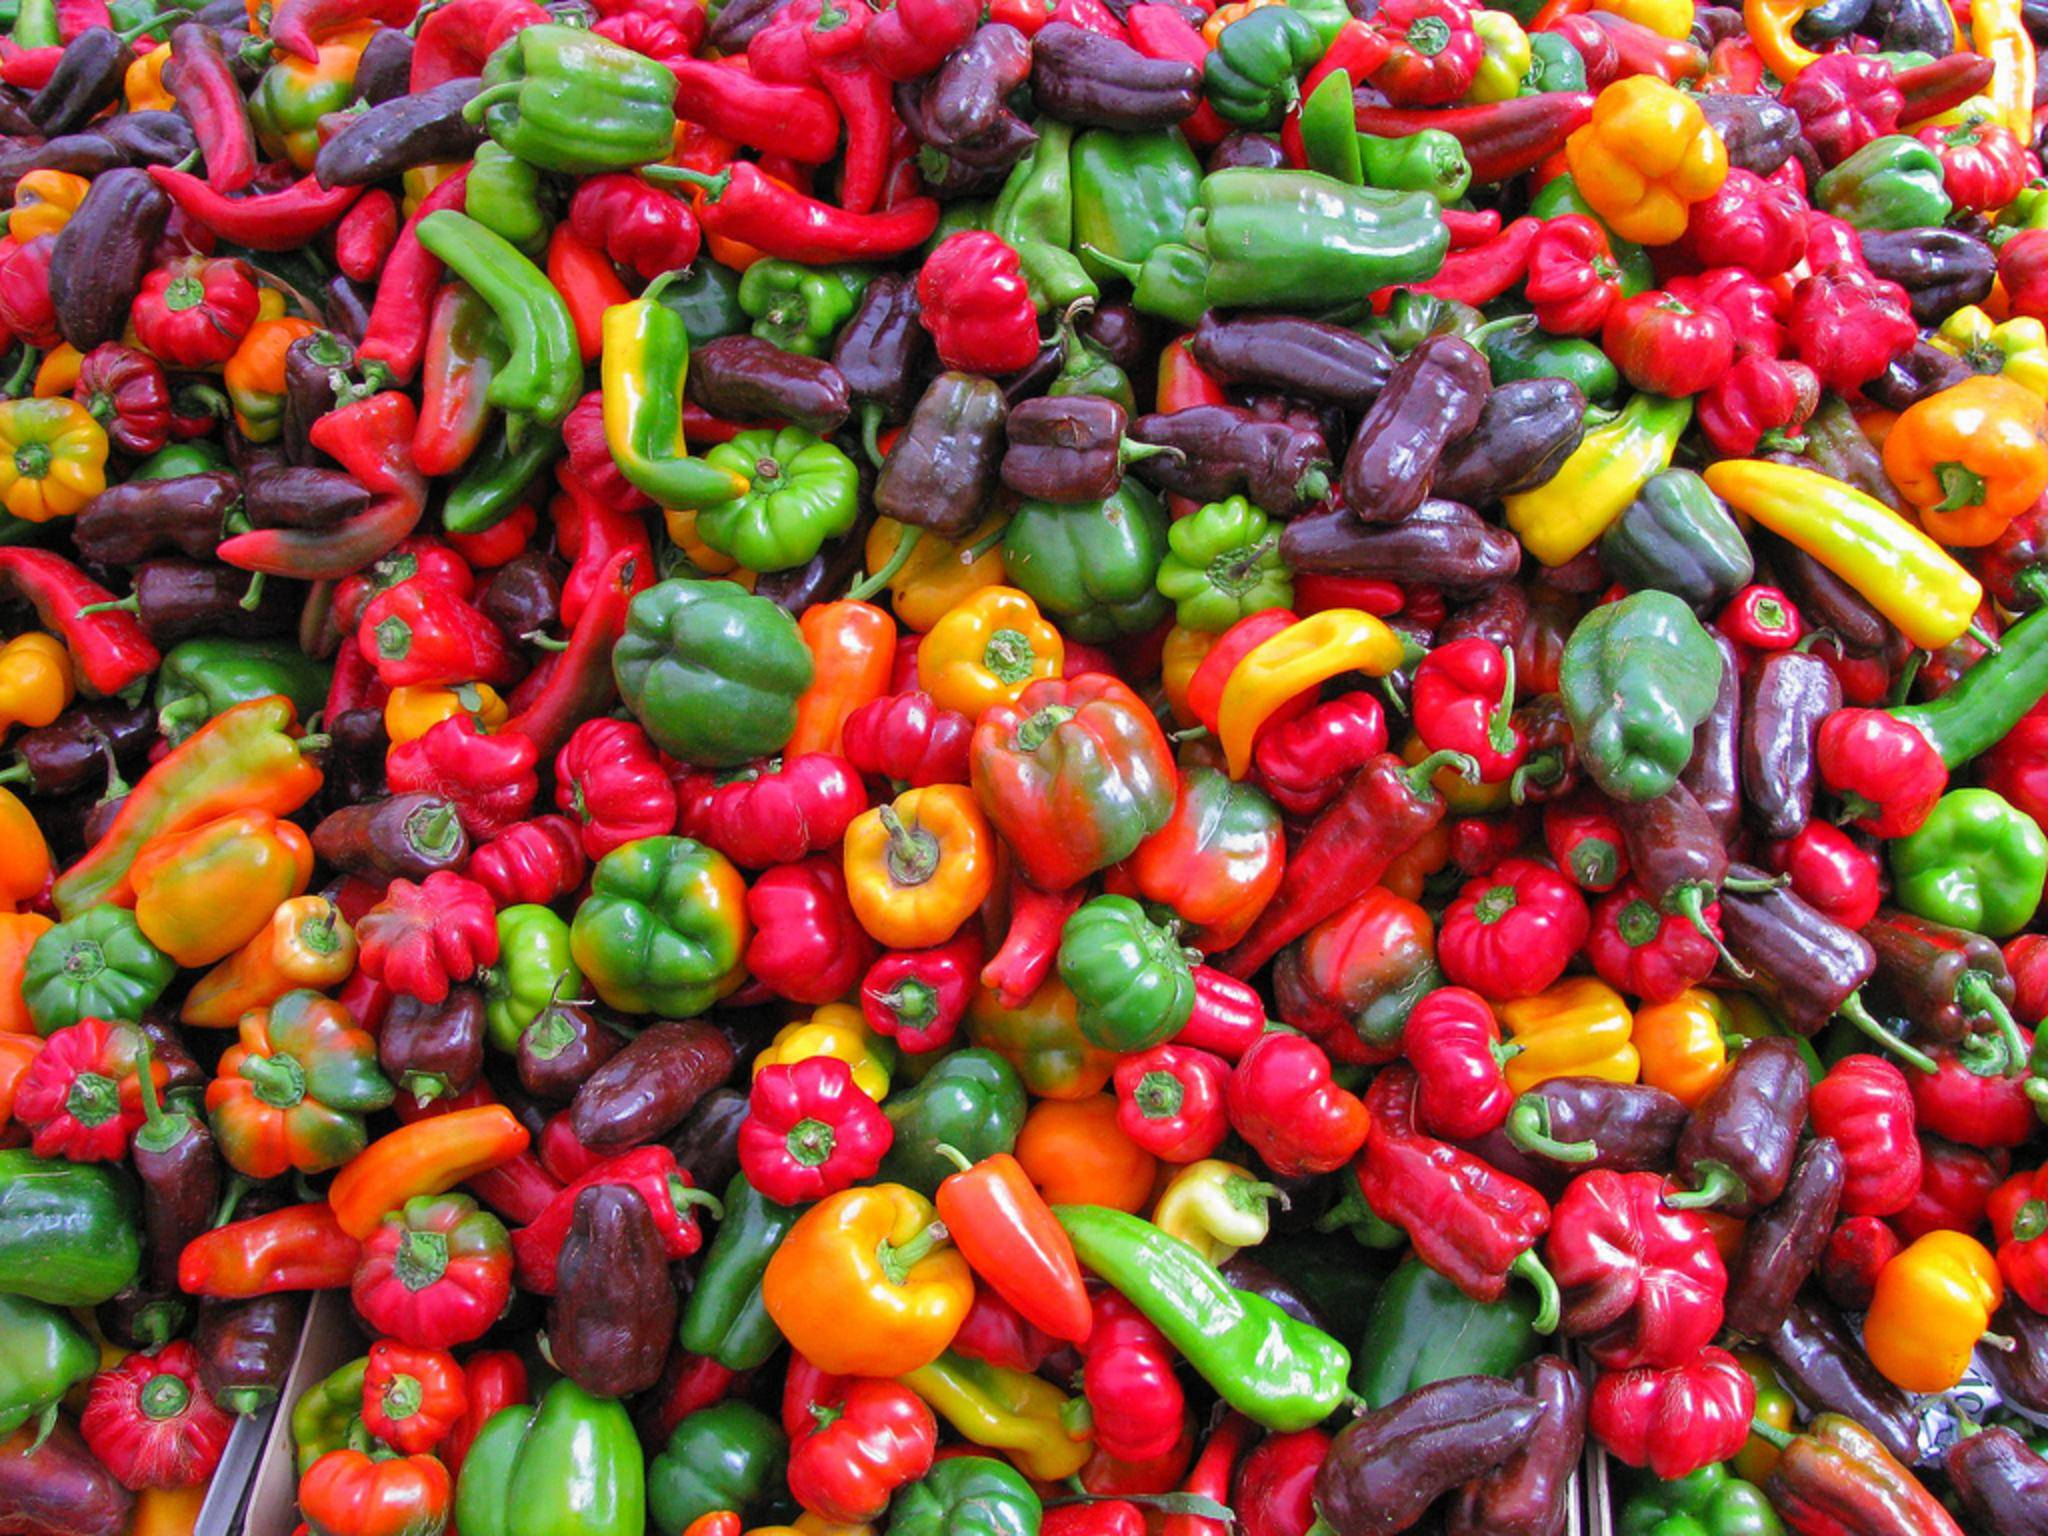 Frisch, lecker, knackig – perfekte Zutaten für vegetarische Rezepte